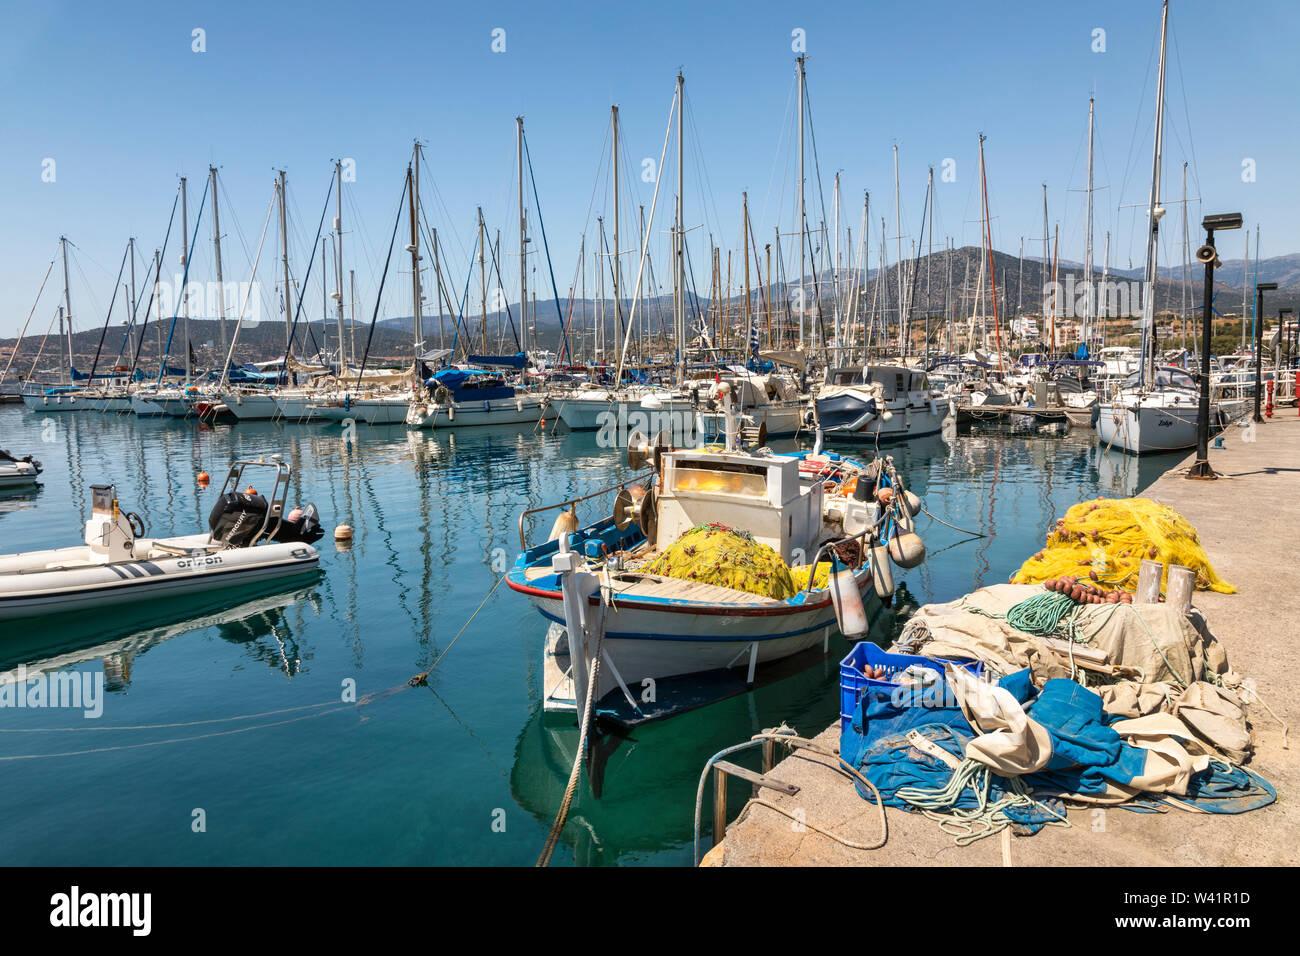 Boats in the marina of Agios Nikolaos - Crete, Greece Stock Photo